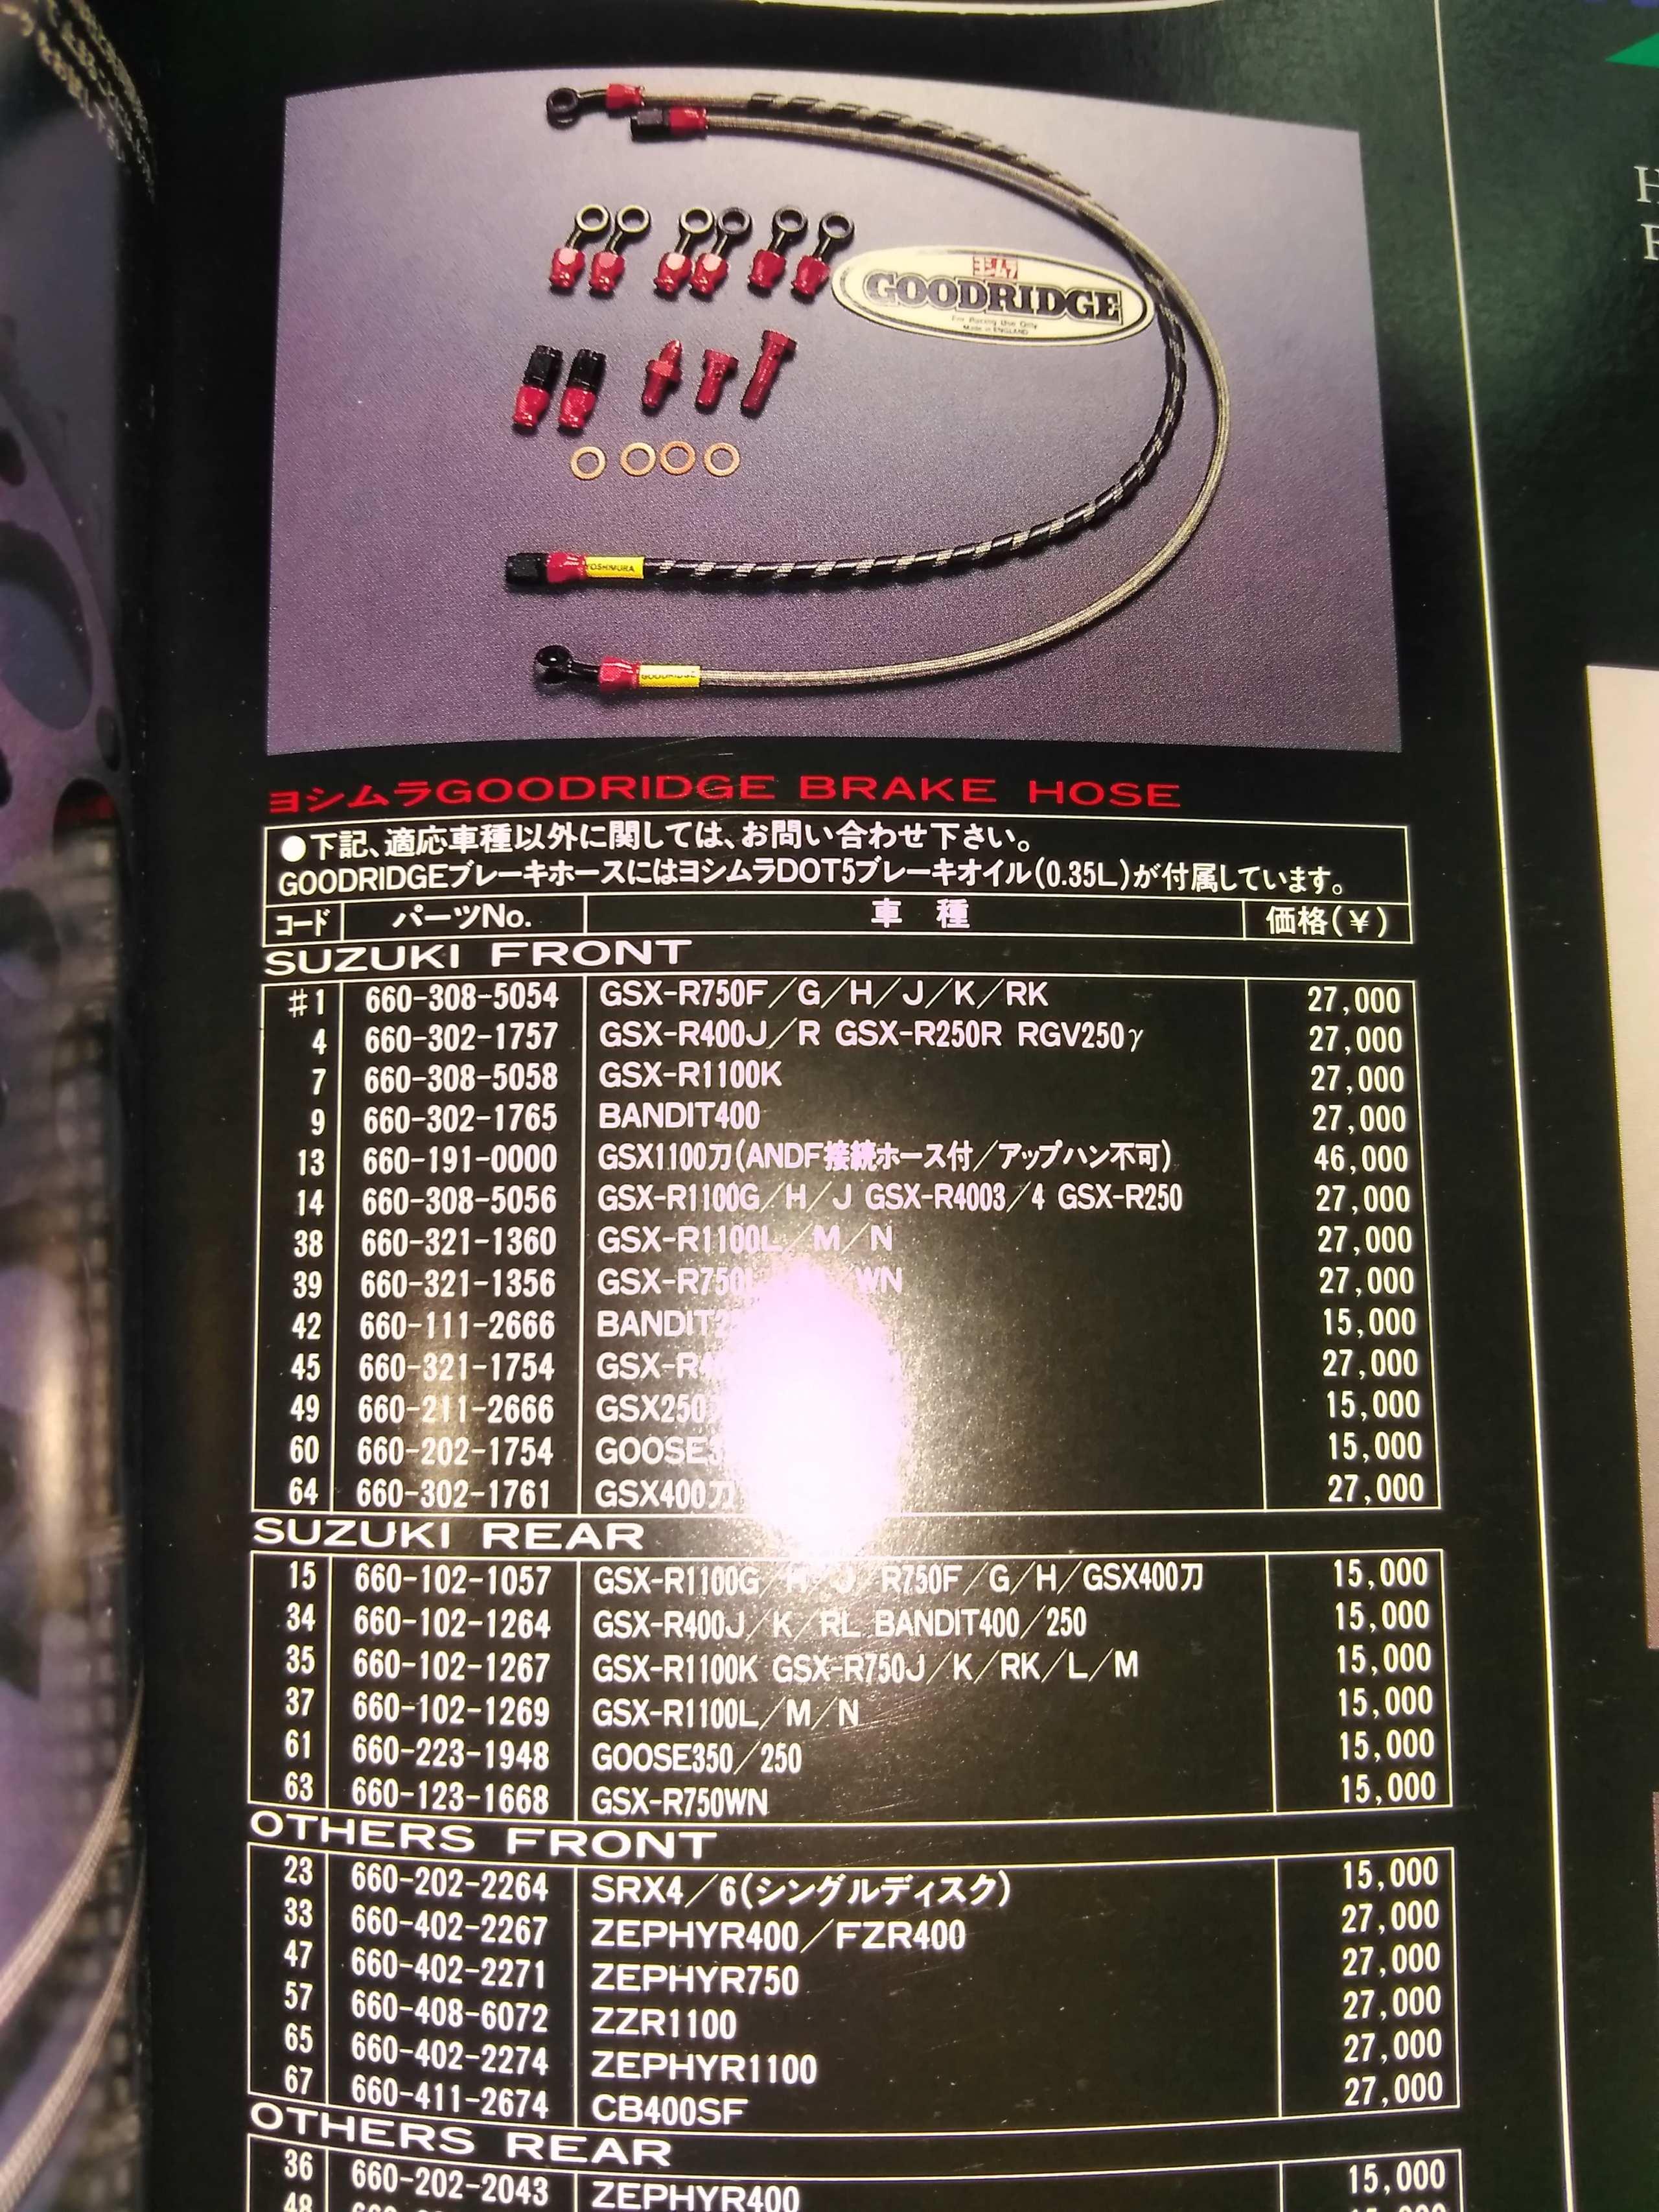 ATENCION, porno duro: Catalogo de chuches Yoshimura 93-95 Img_2012